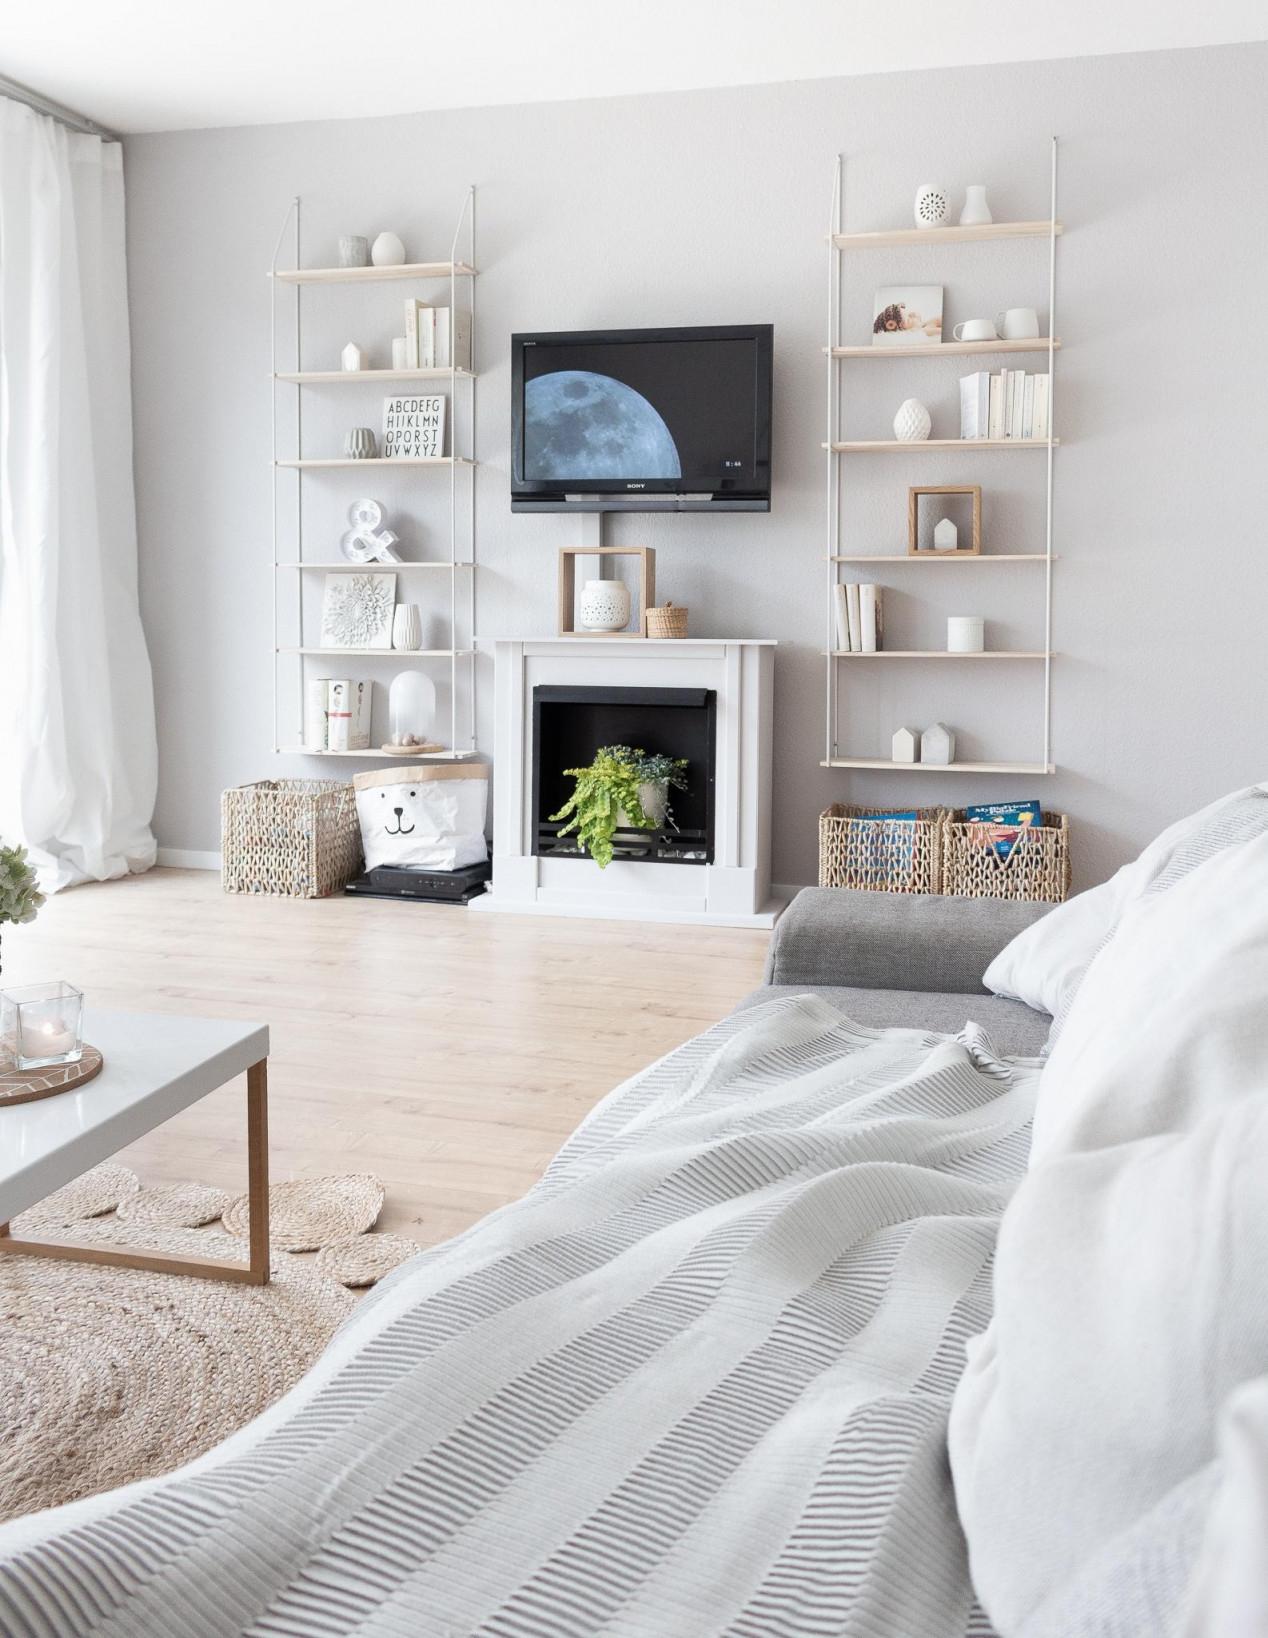 Gemütliches Wohnzimmer So Schaffst Du Eine Kuscheloase von Wohnzimmer Ideen Gemütlich Bild